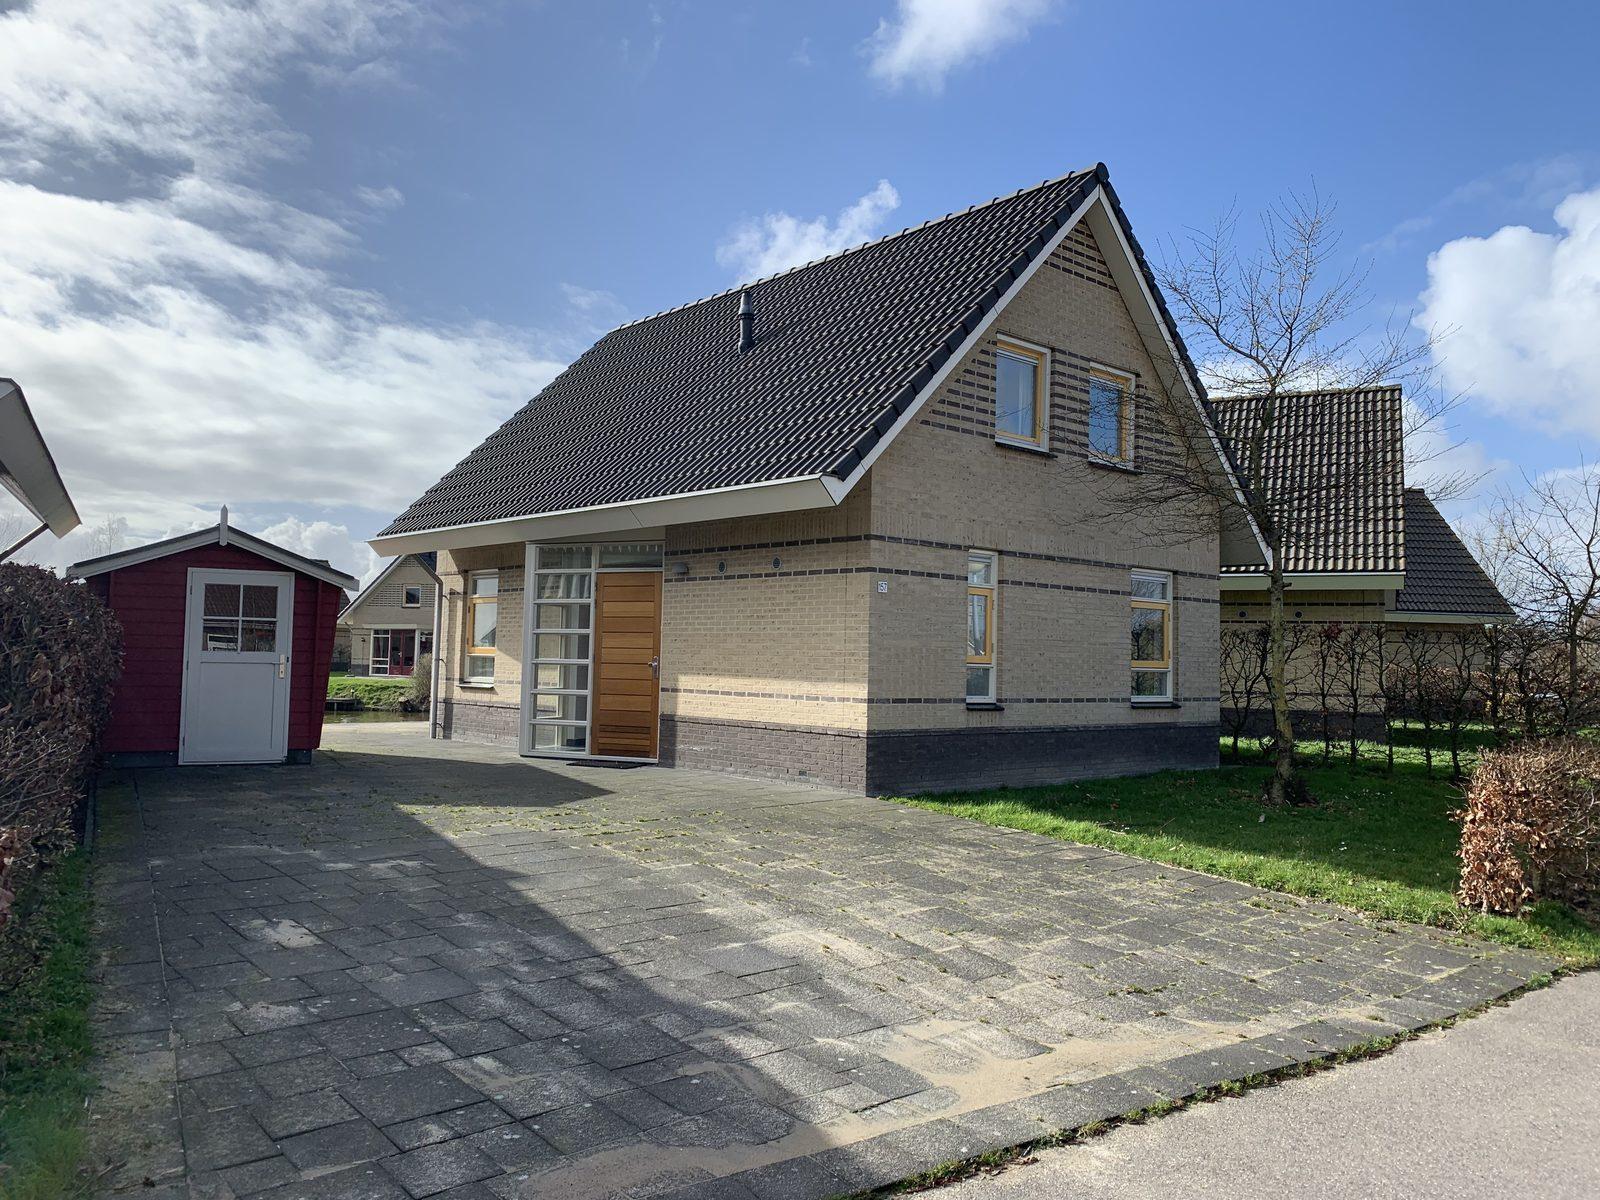 IJsselmeerstraat 157 Wellness